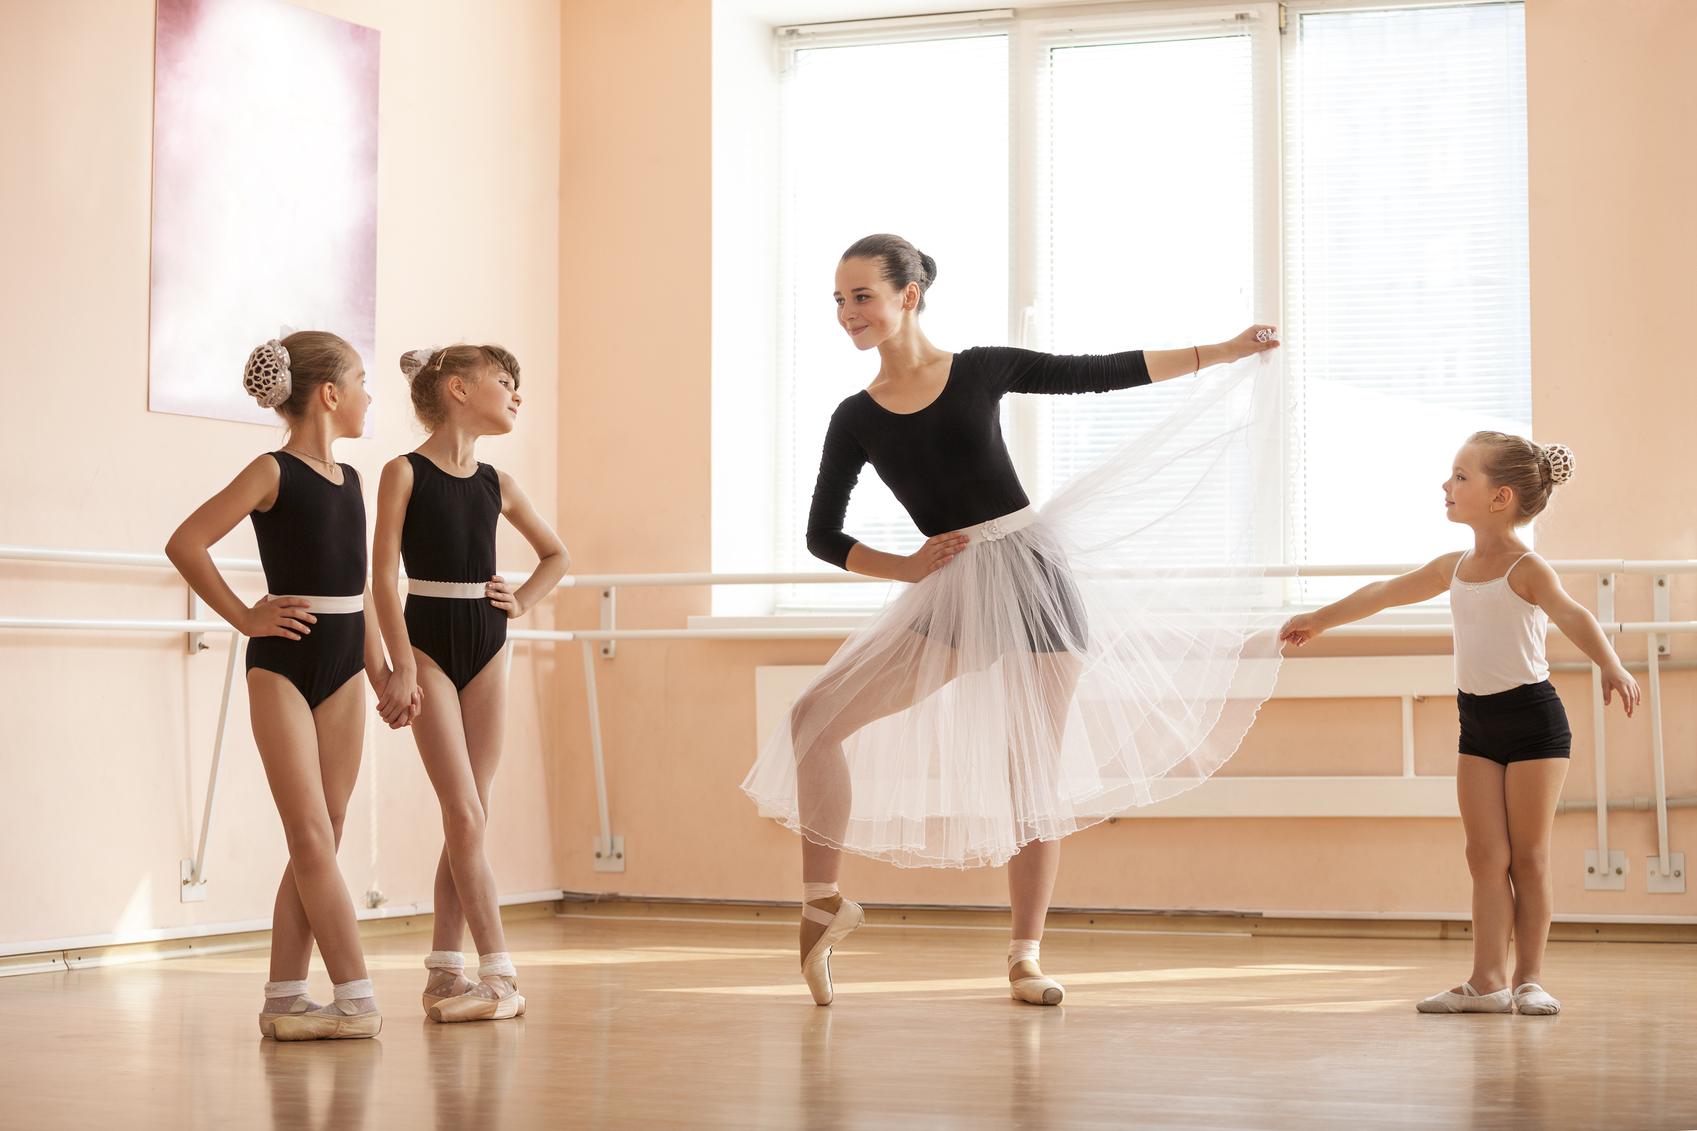 Clases de baile: descubre sus beneficios